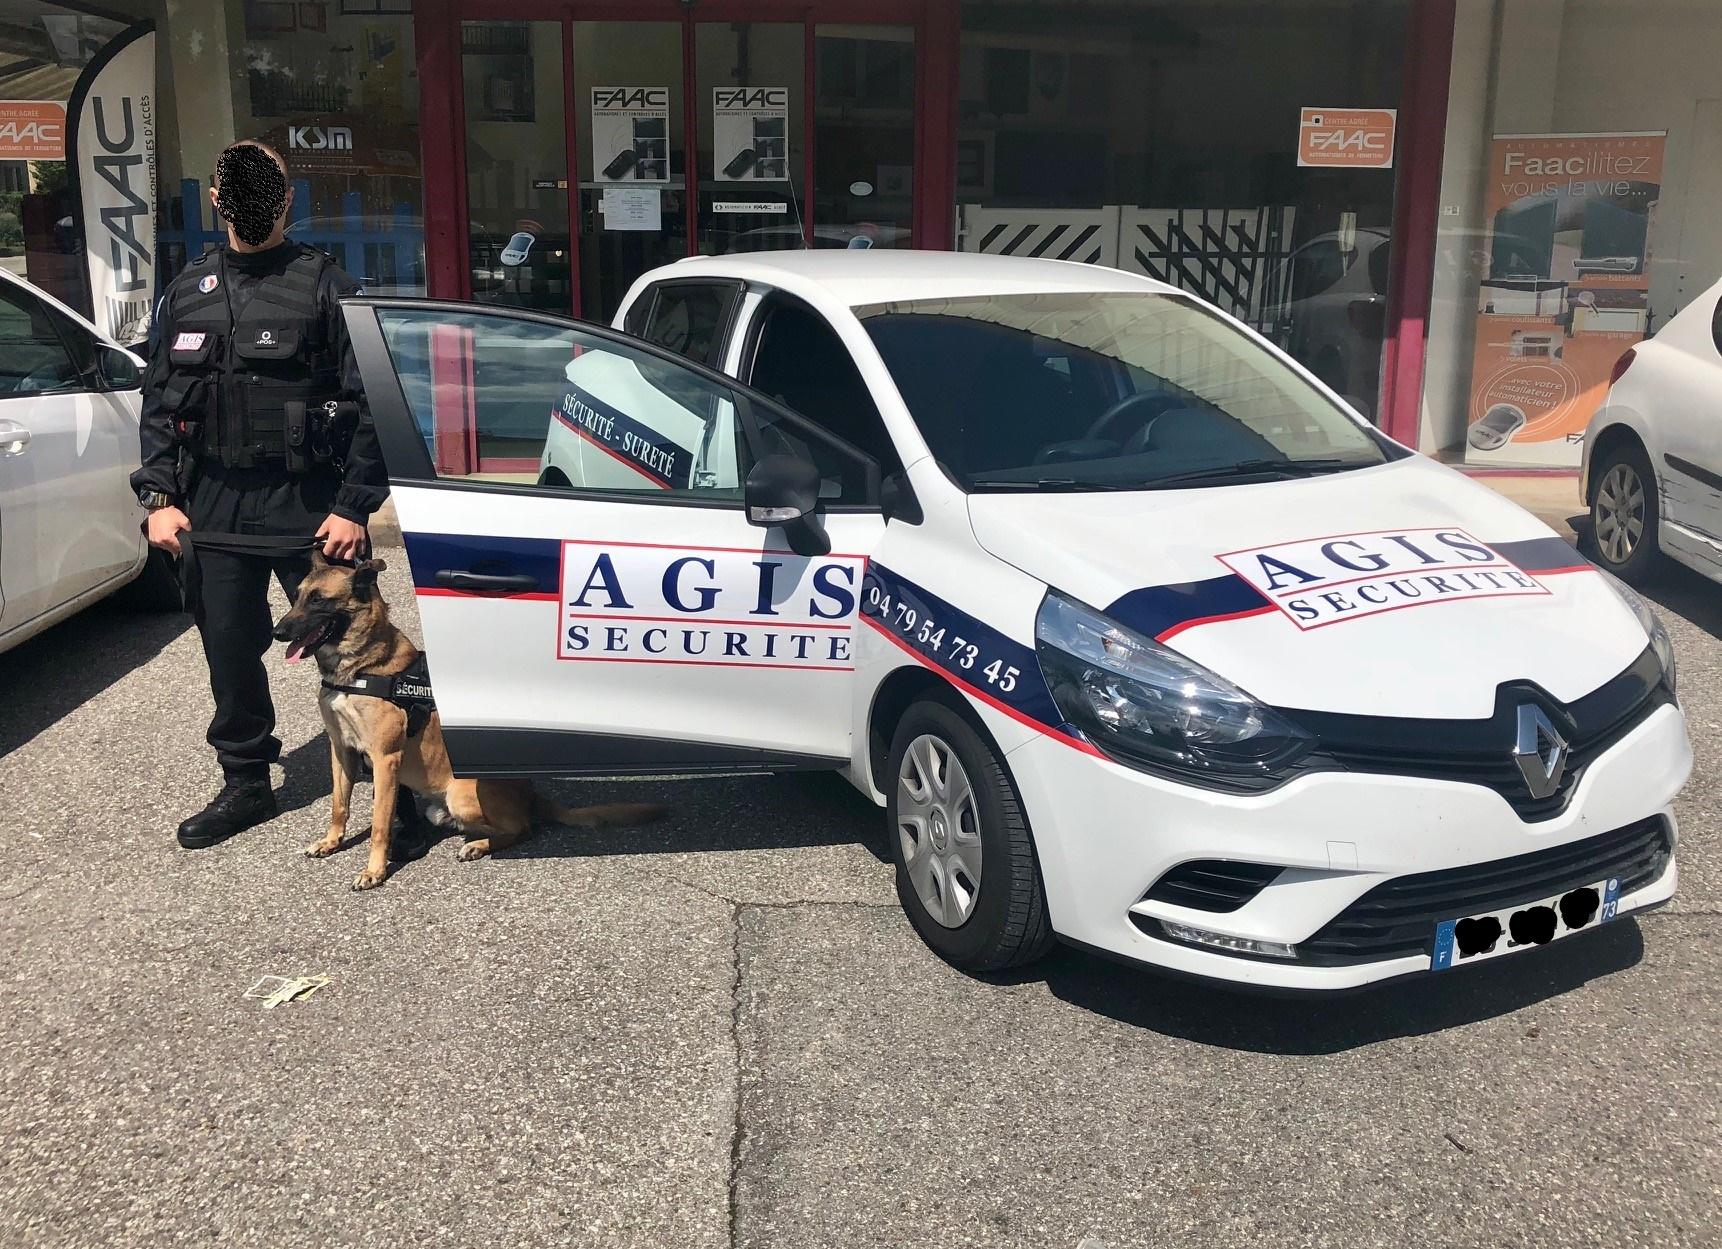 AGIS sécurité - ronde